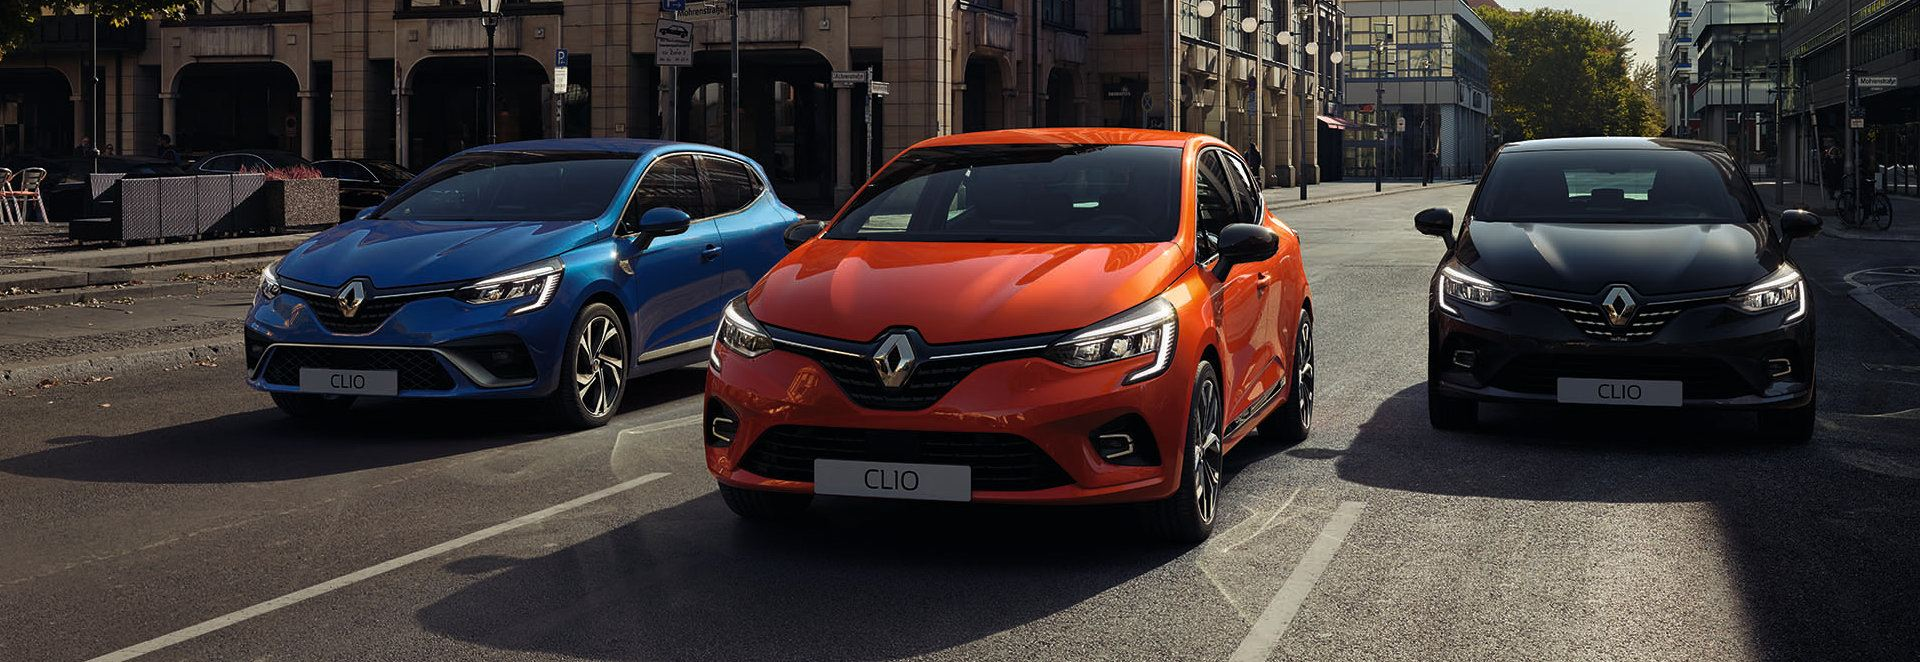 Renault Clio 2019 Trio